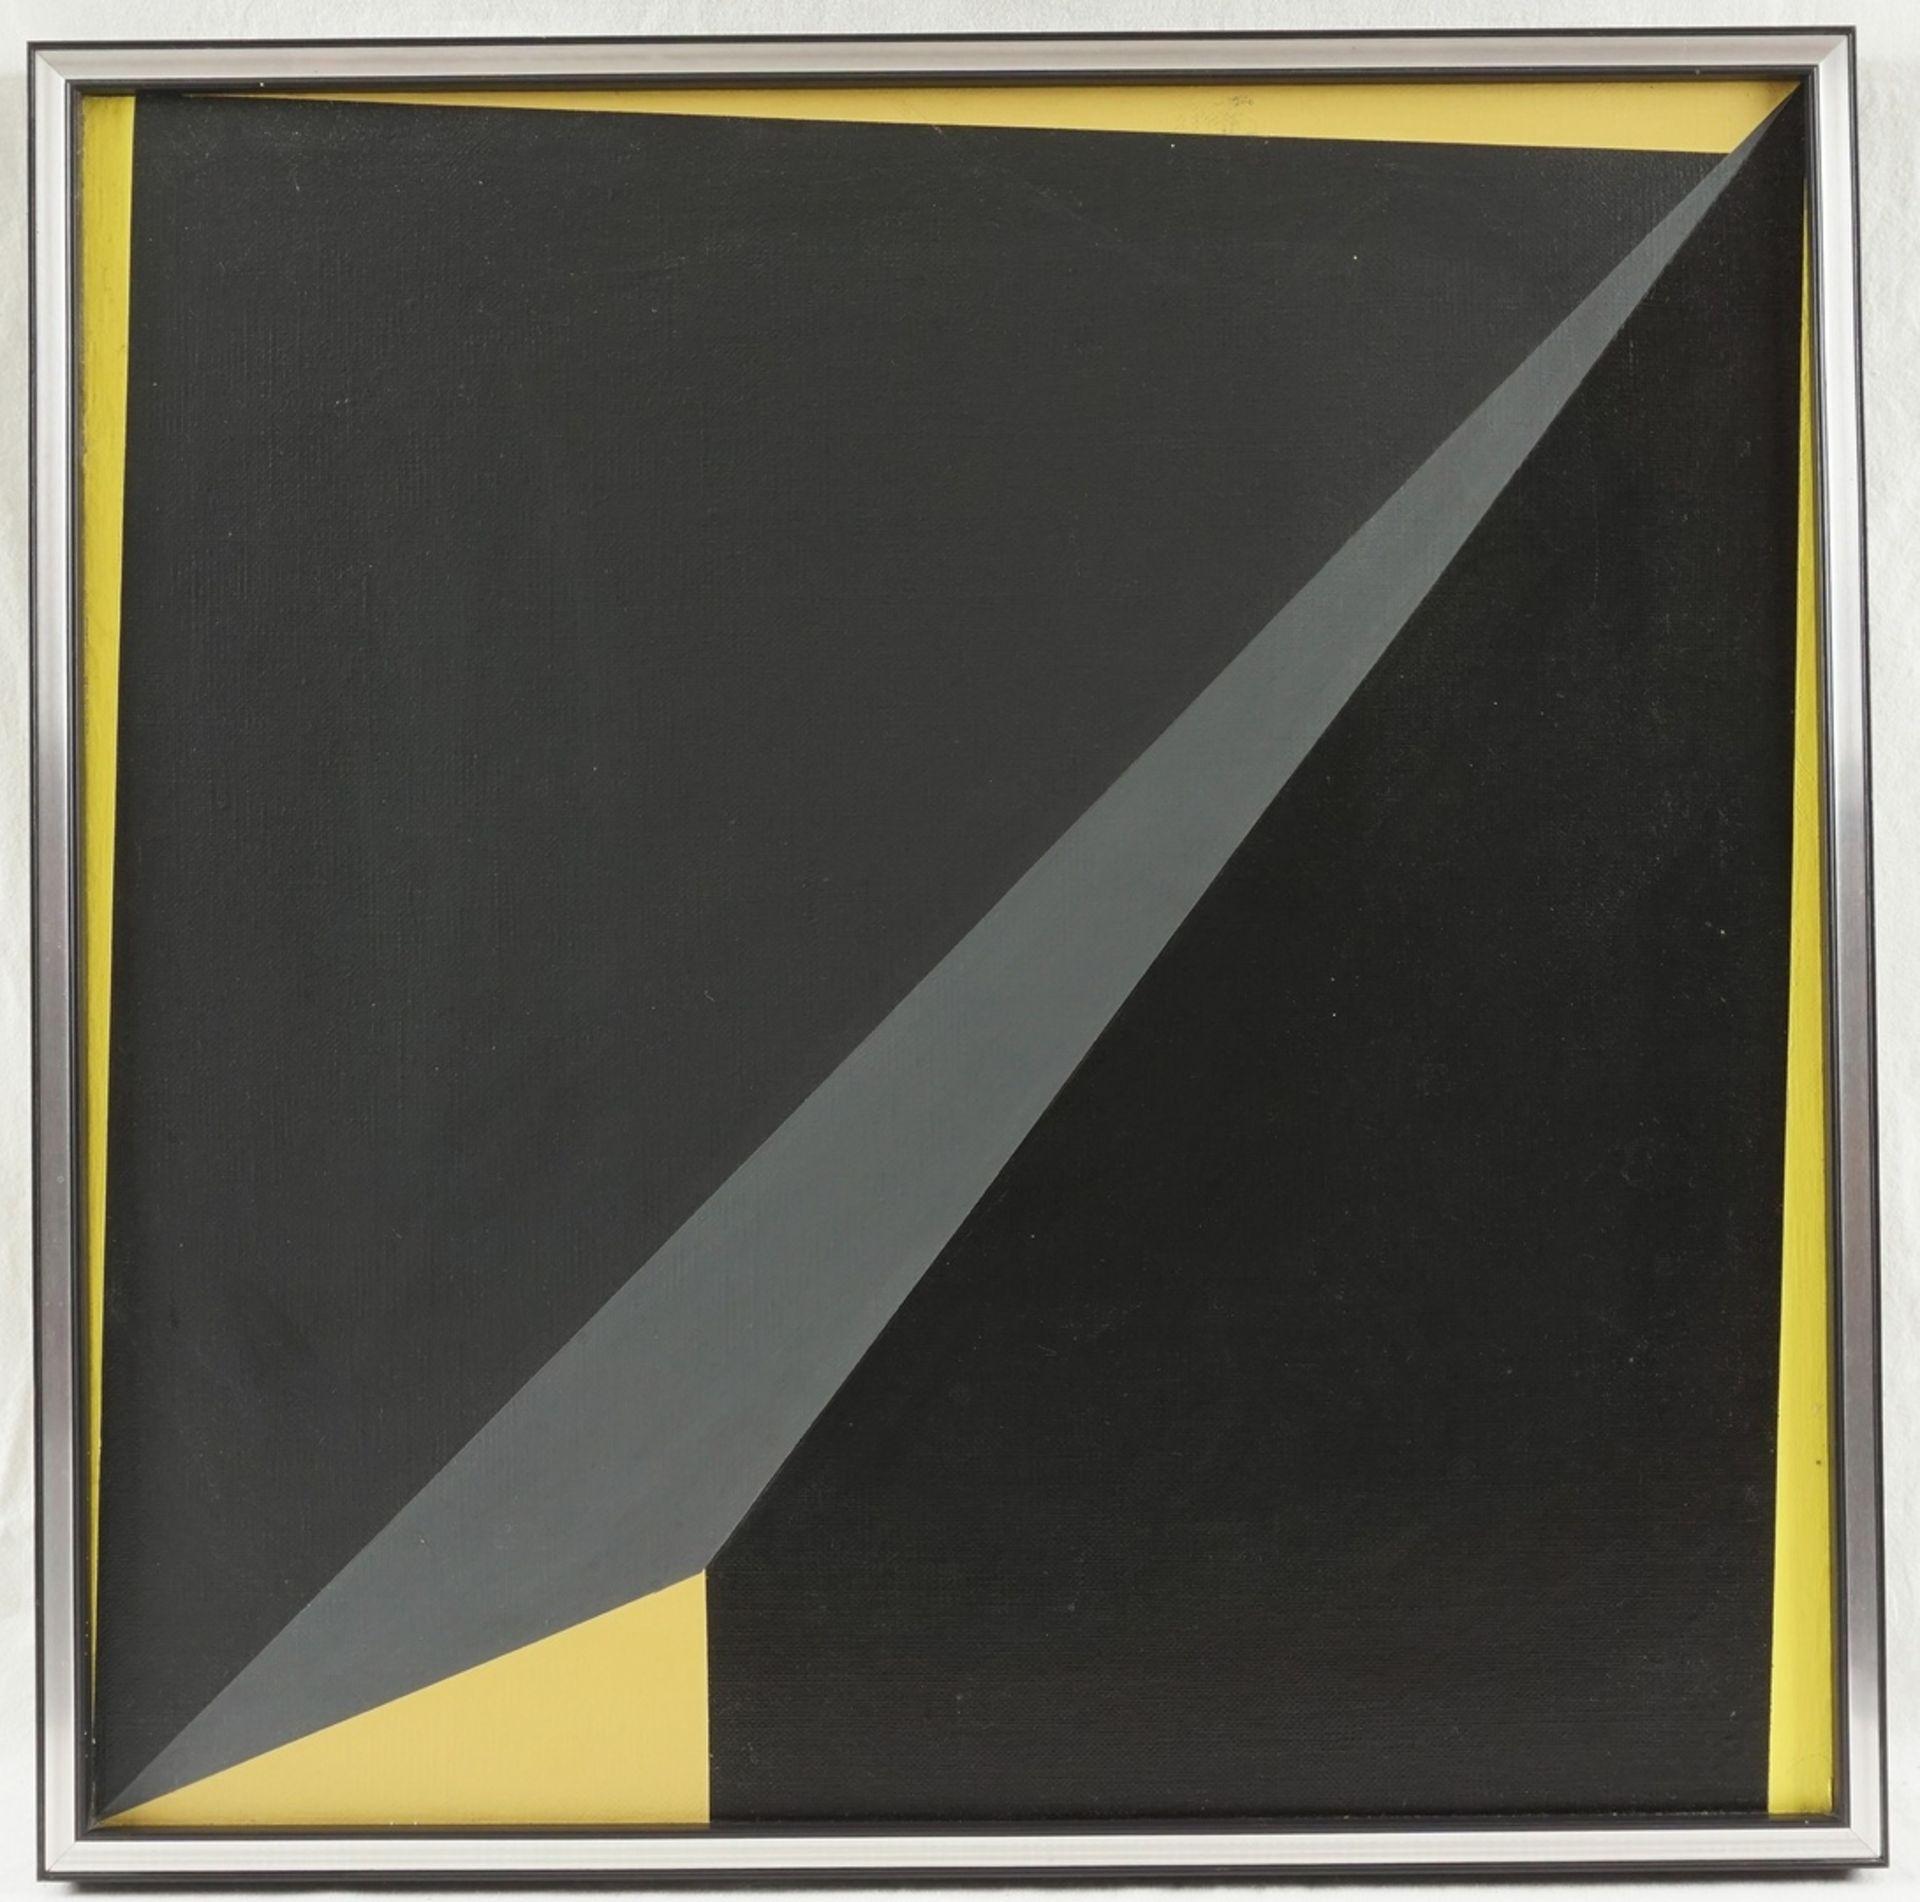 Helmut Sundhaußen, Geometrische Komposition auf Gelb